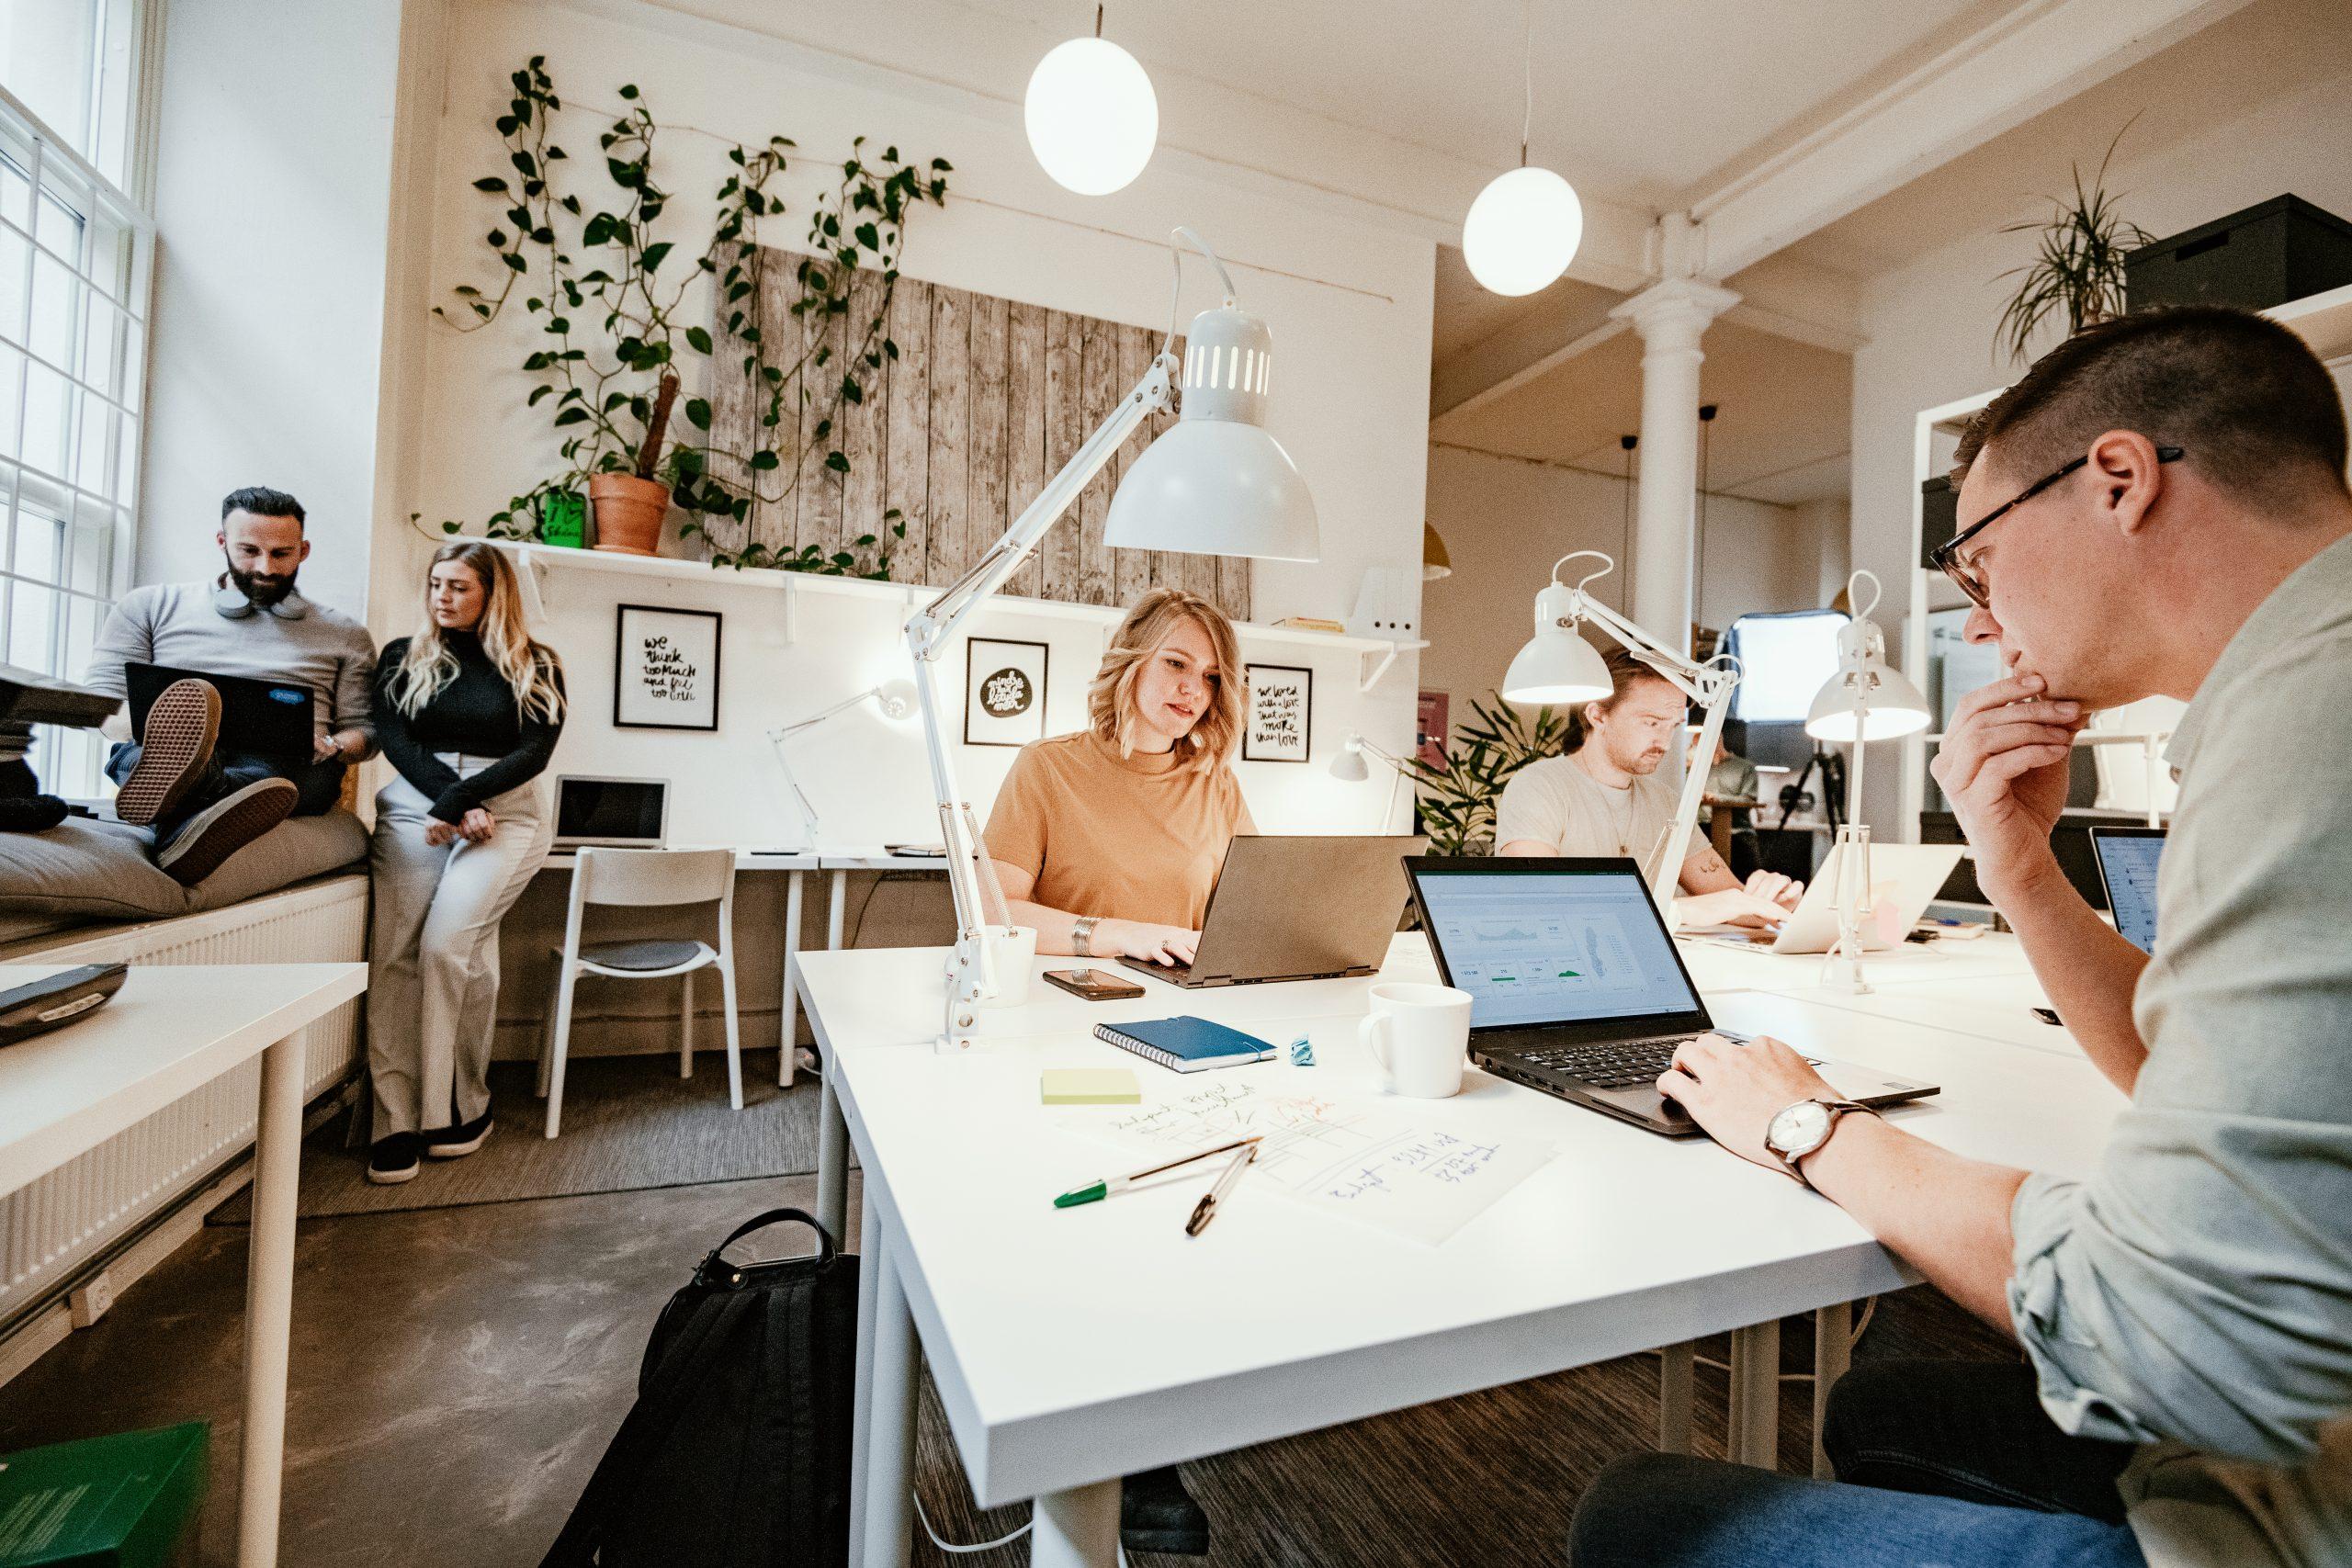 Verbinding met een nieuwe omgeving: tips voor het aanpassen van je strategie